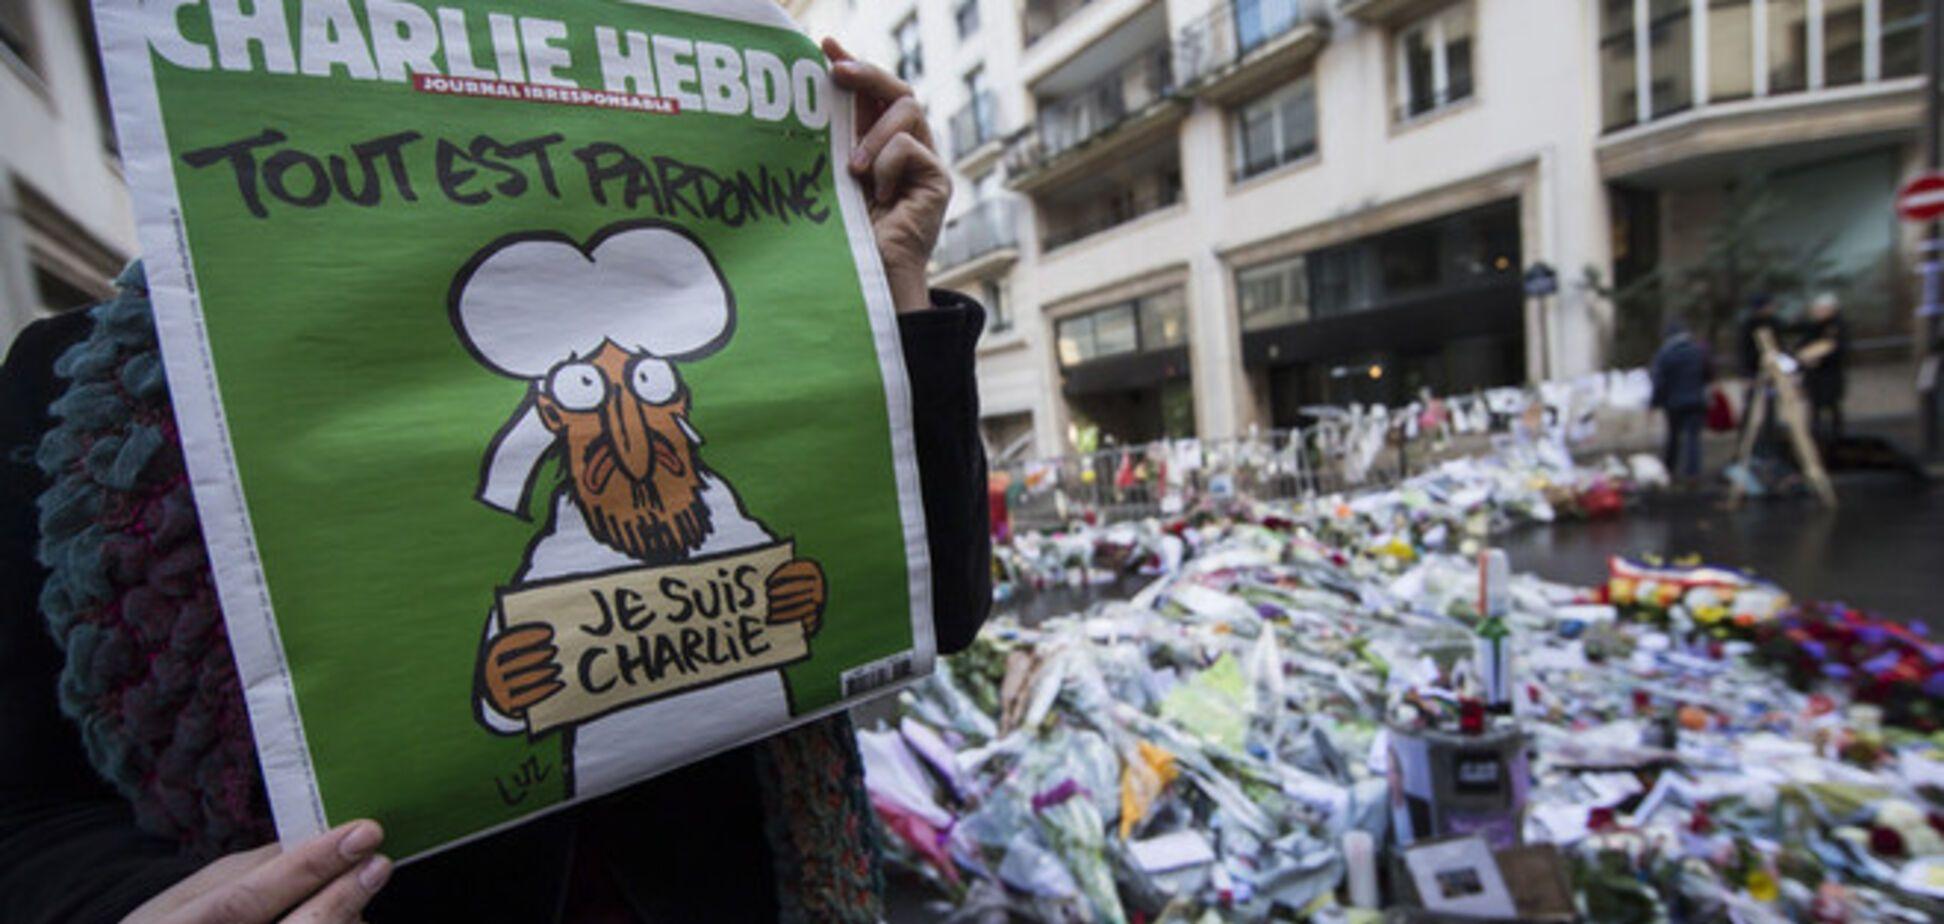 Торговцам угрожают за продажу Charlie Hebdo с новыми карикатурами на пророка Мухаммеда